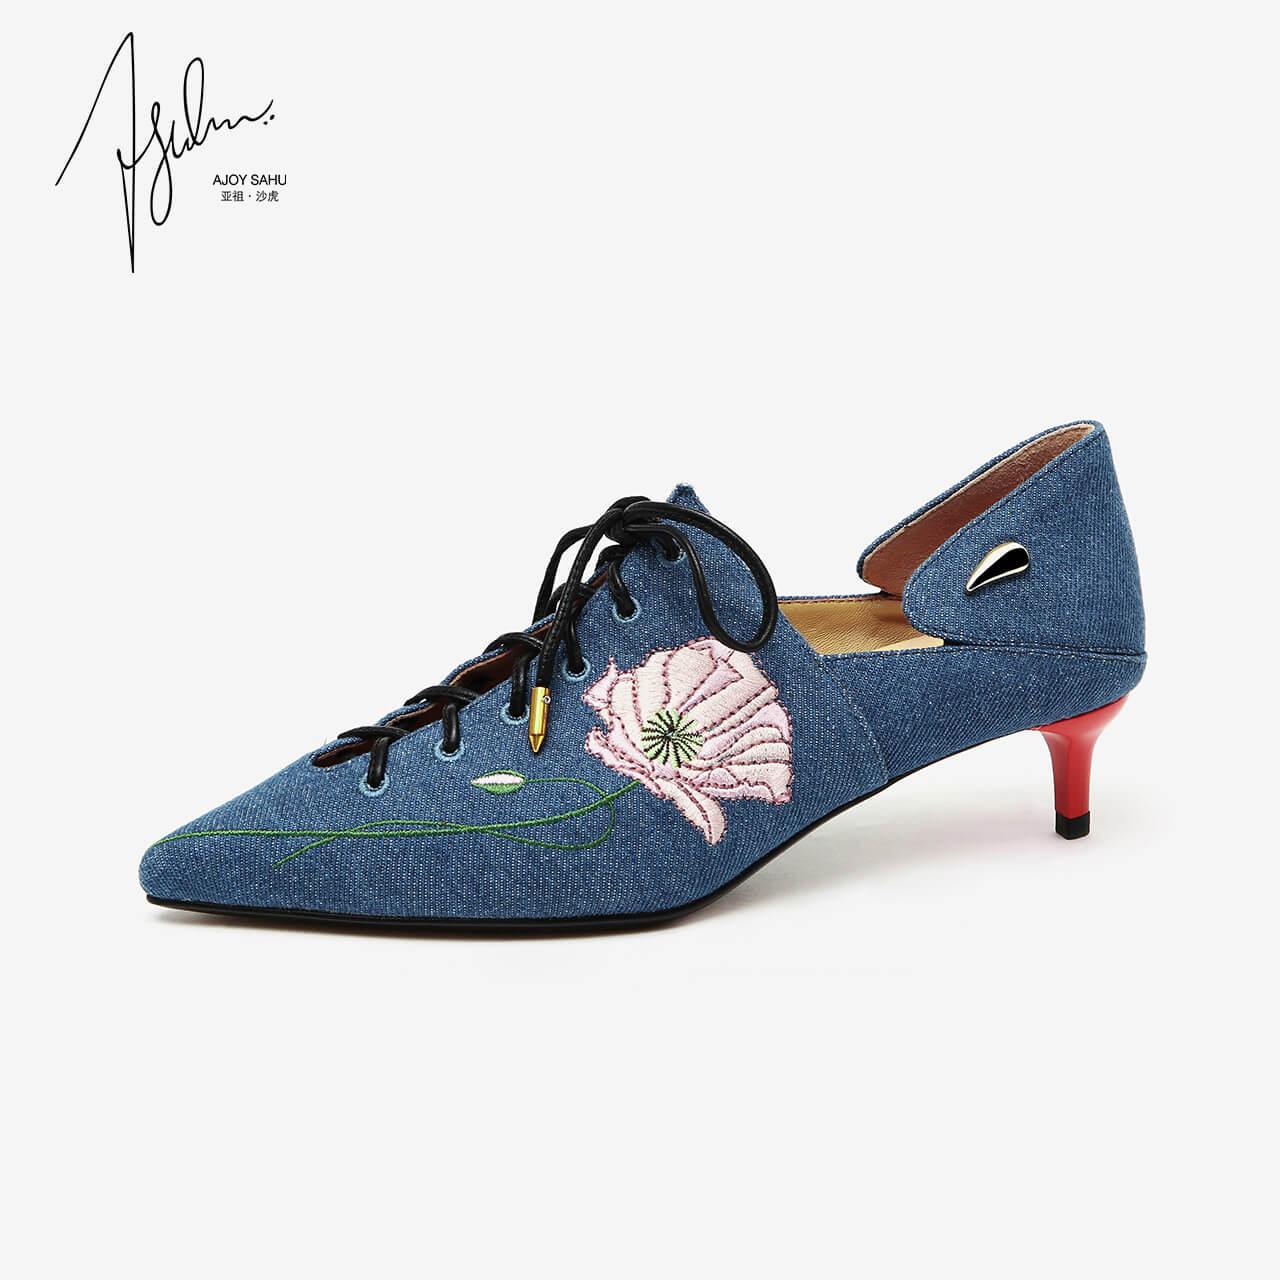 AJOY SAHU2018秋冬新款尖头玛丽珍小跟单鞋女高跟细跟鞋女猫跟鞋